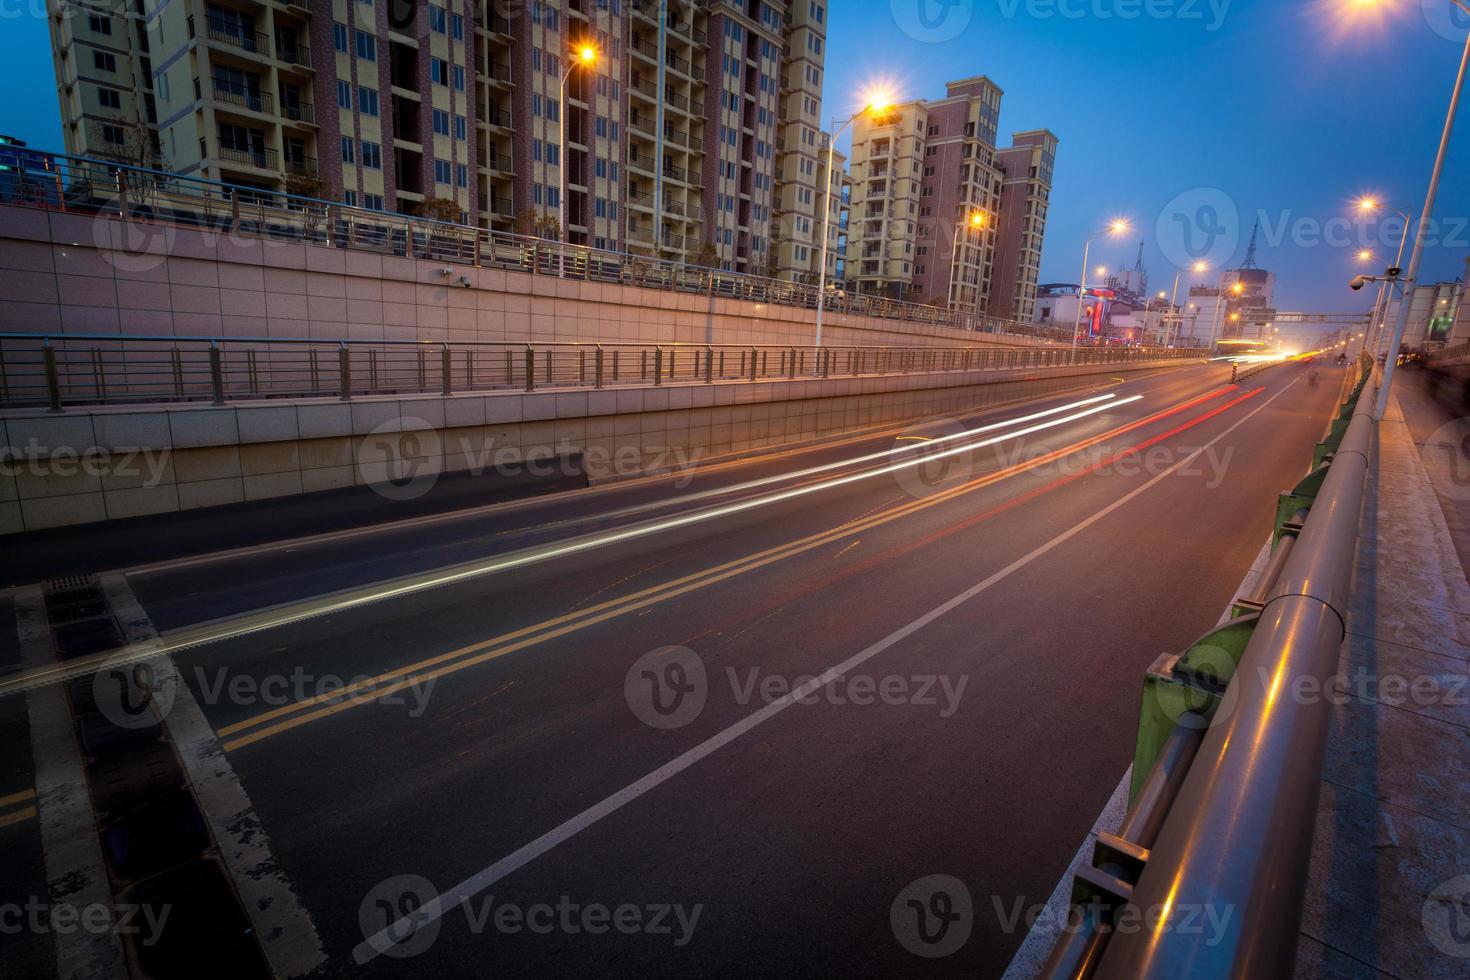 autostrada vuota di notte foto